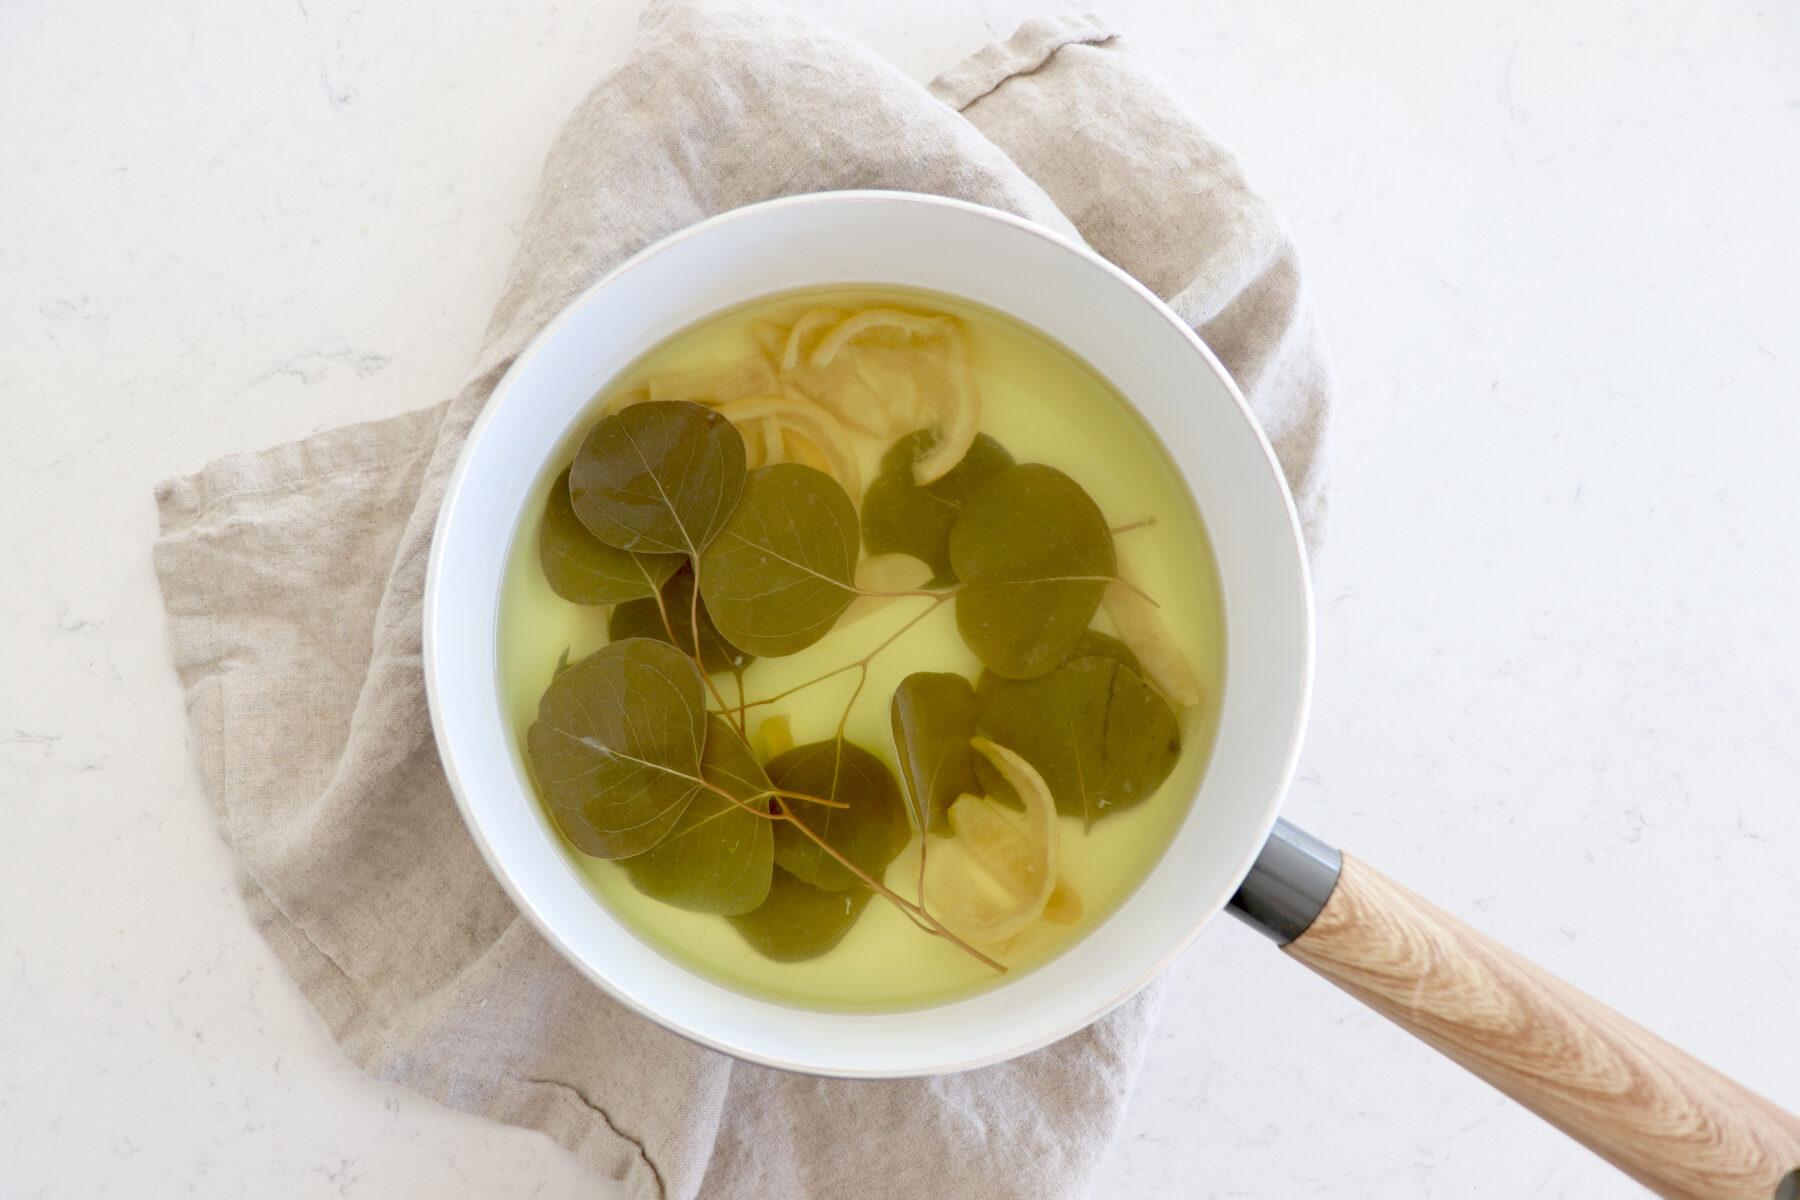 Saucepan with lemon and eucalyptus leaves.